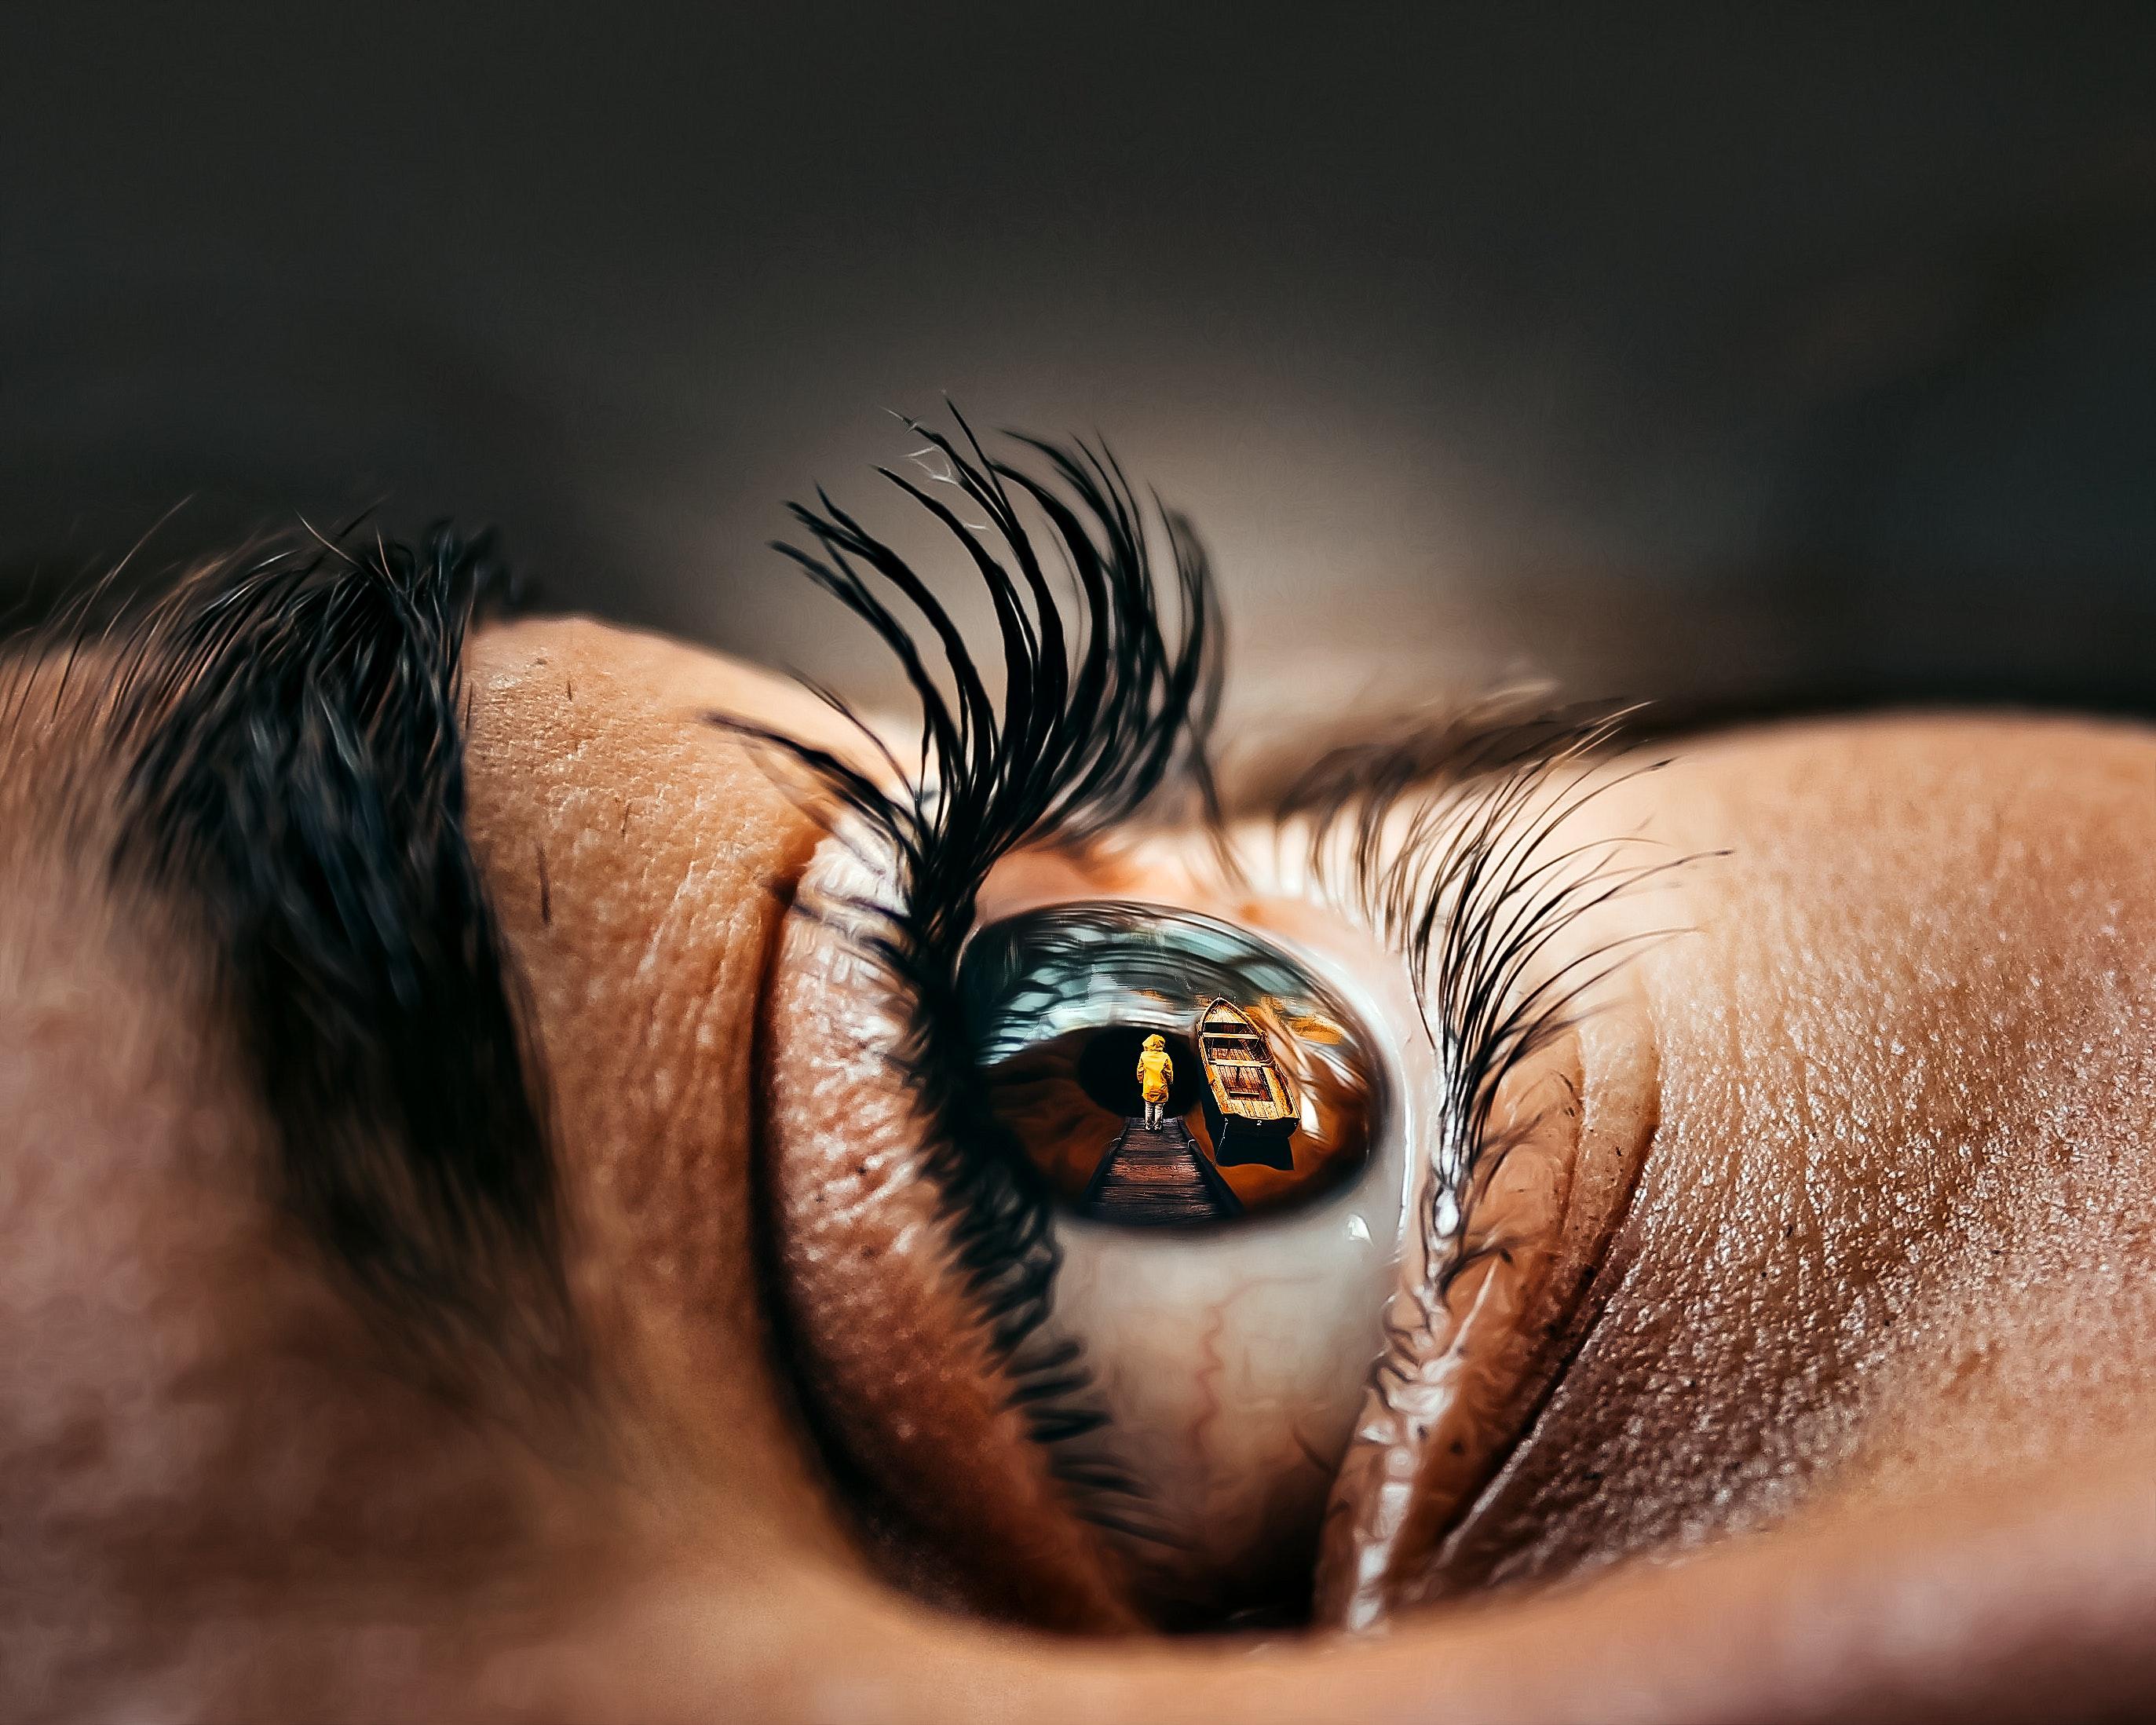 artritis može utjecati na vaše oči